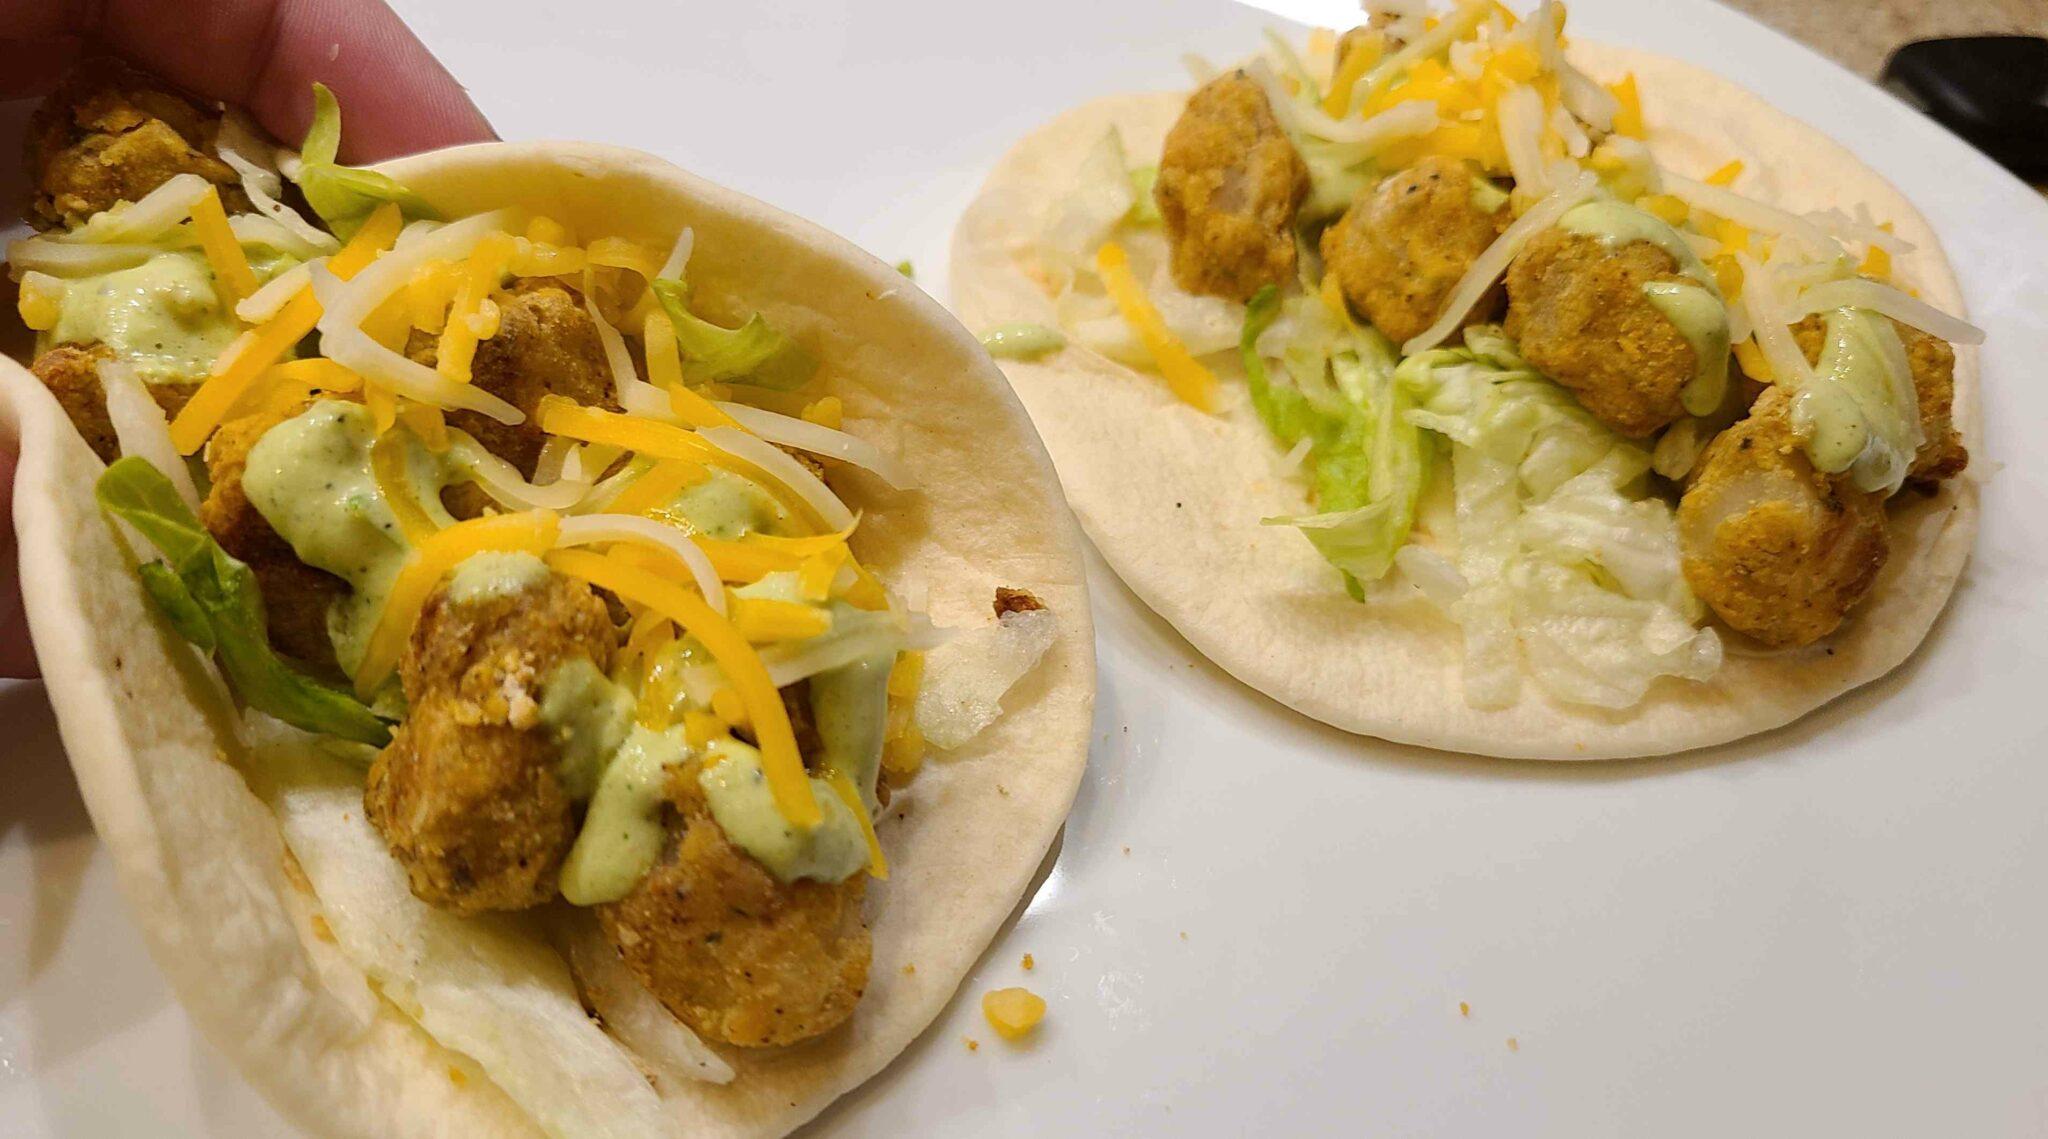 potato tacos seasoned with Dan-O's